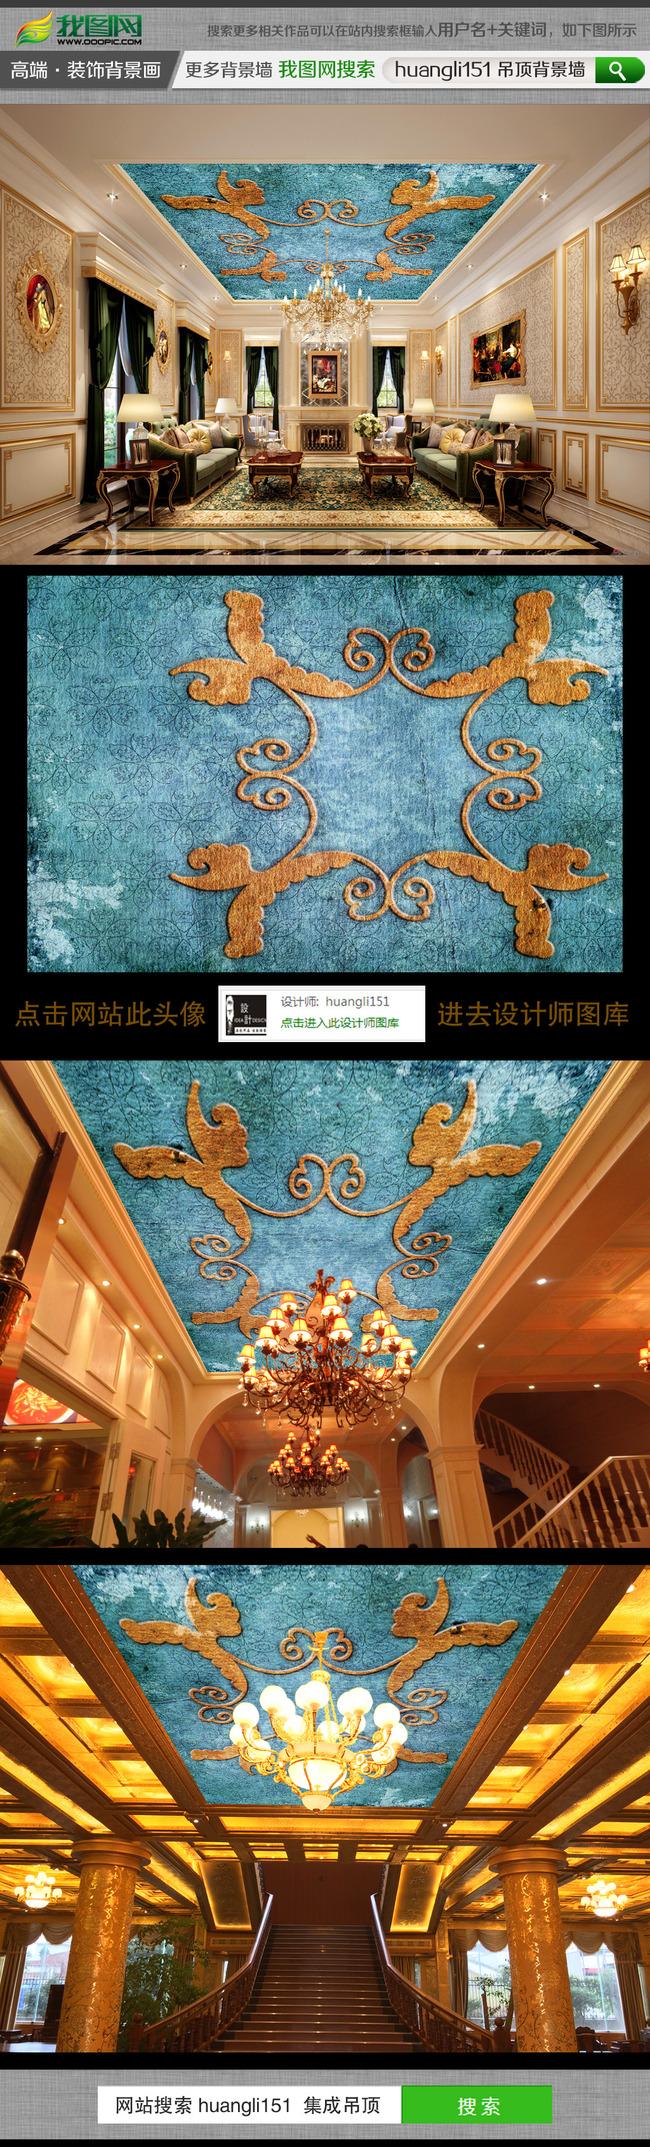 天顶壁画天花板欧式风格浮雕花纹壁纸